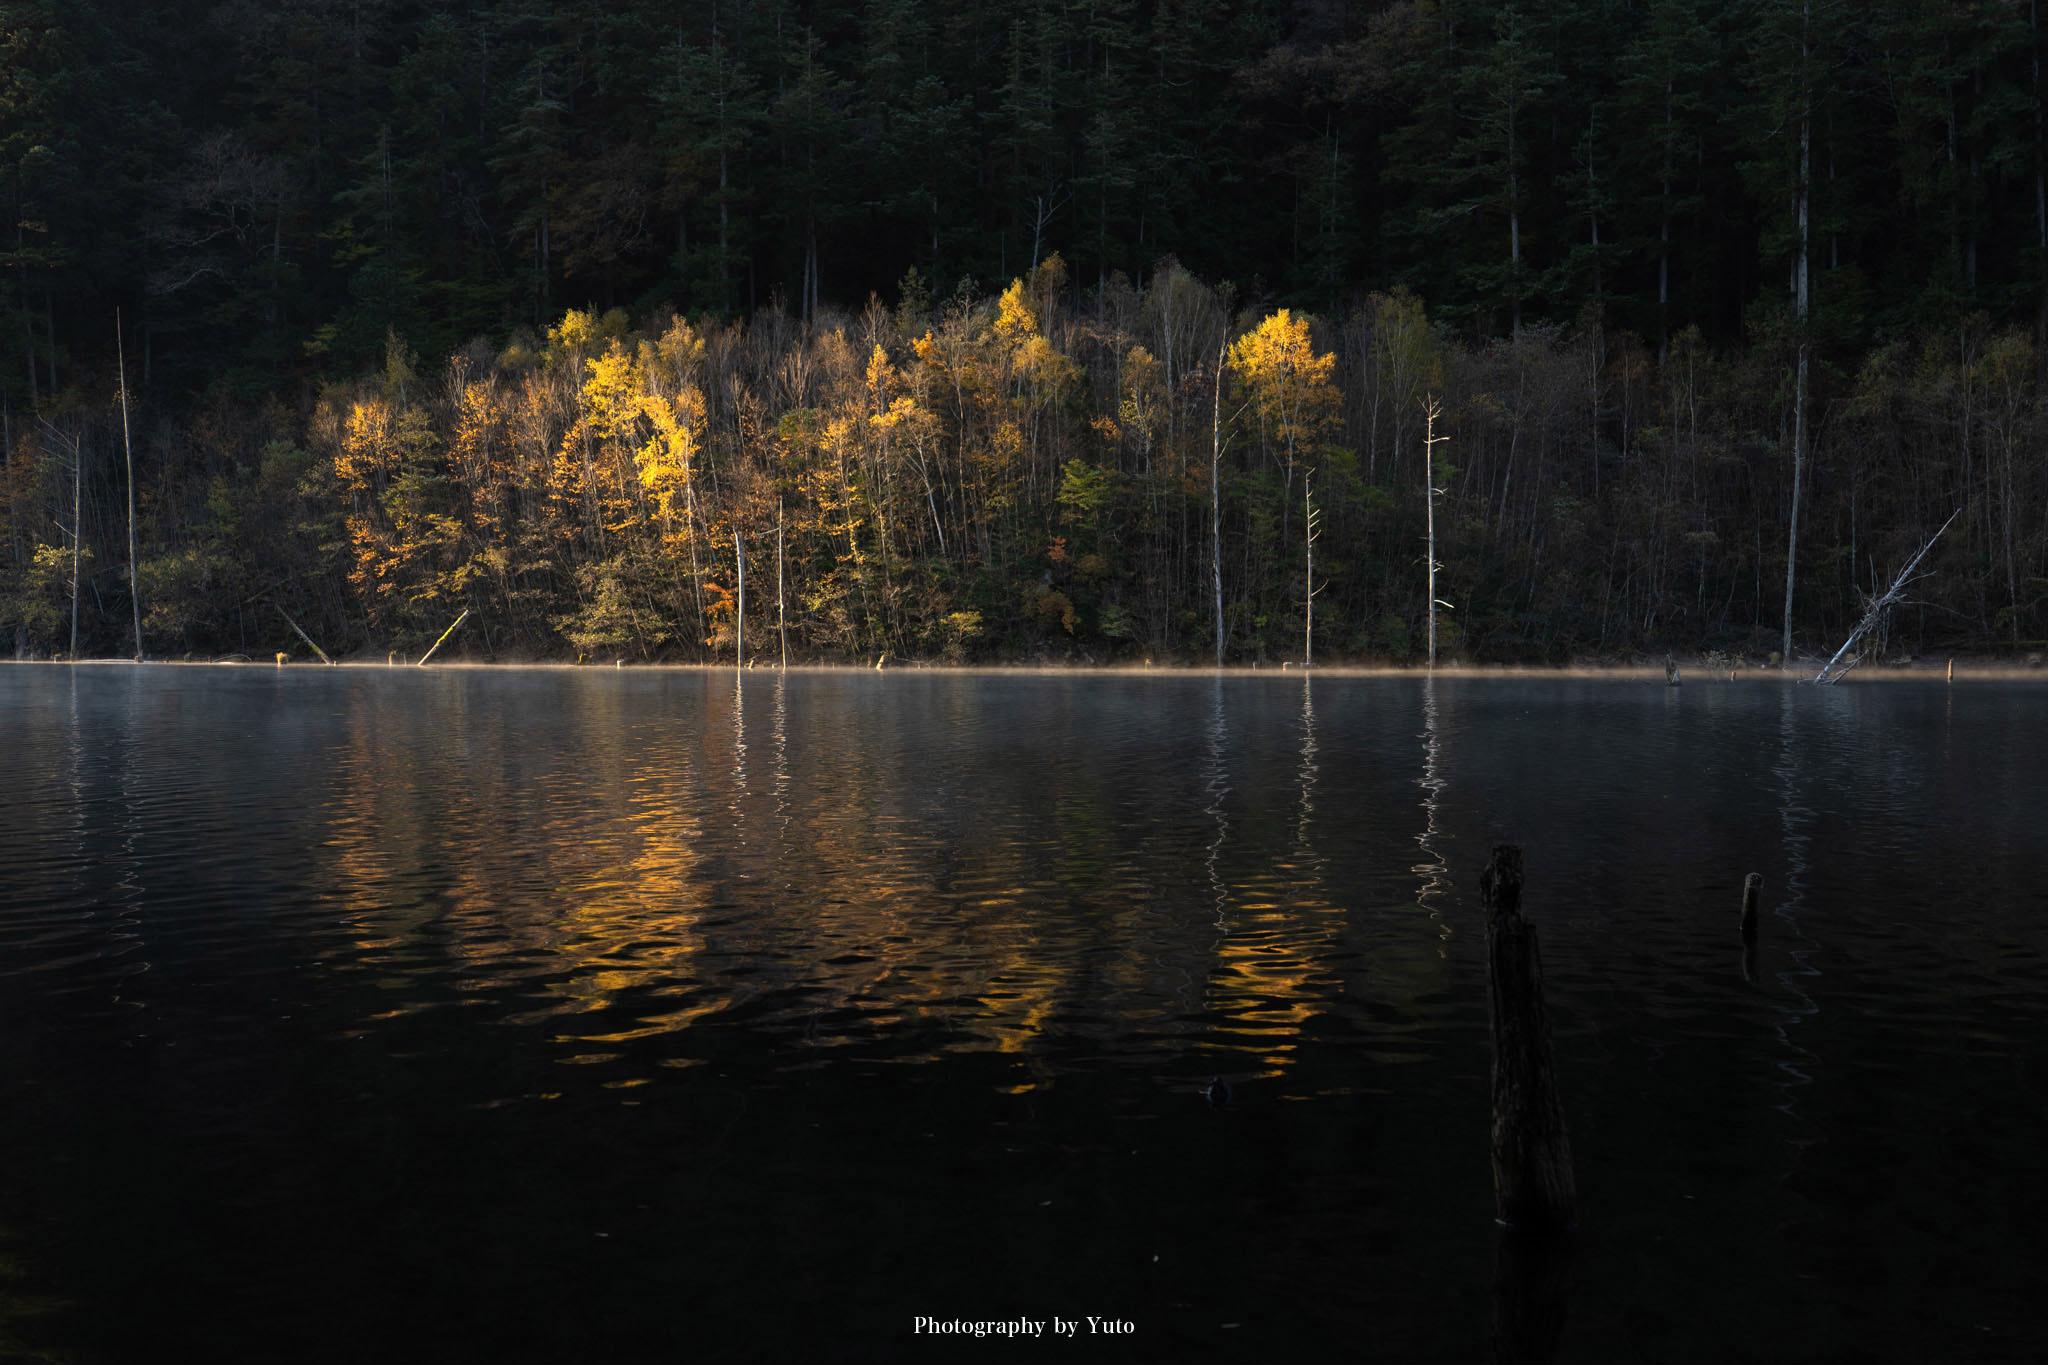 【長野県の紅葉】秋の自然湖で気嵐を楽しむ